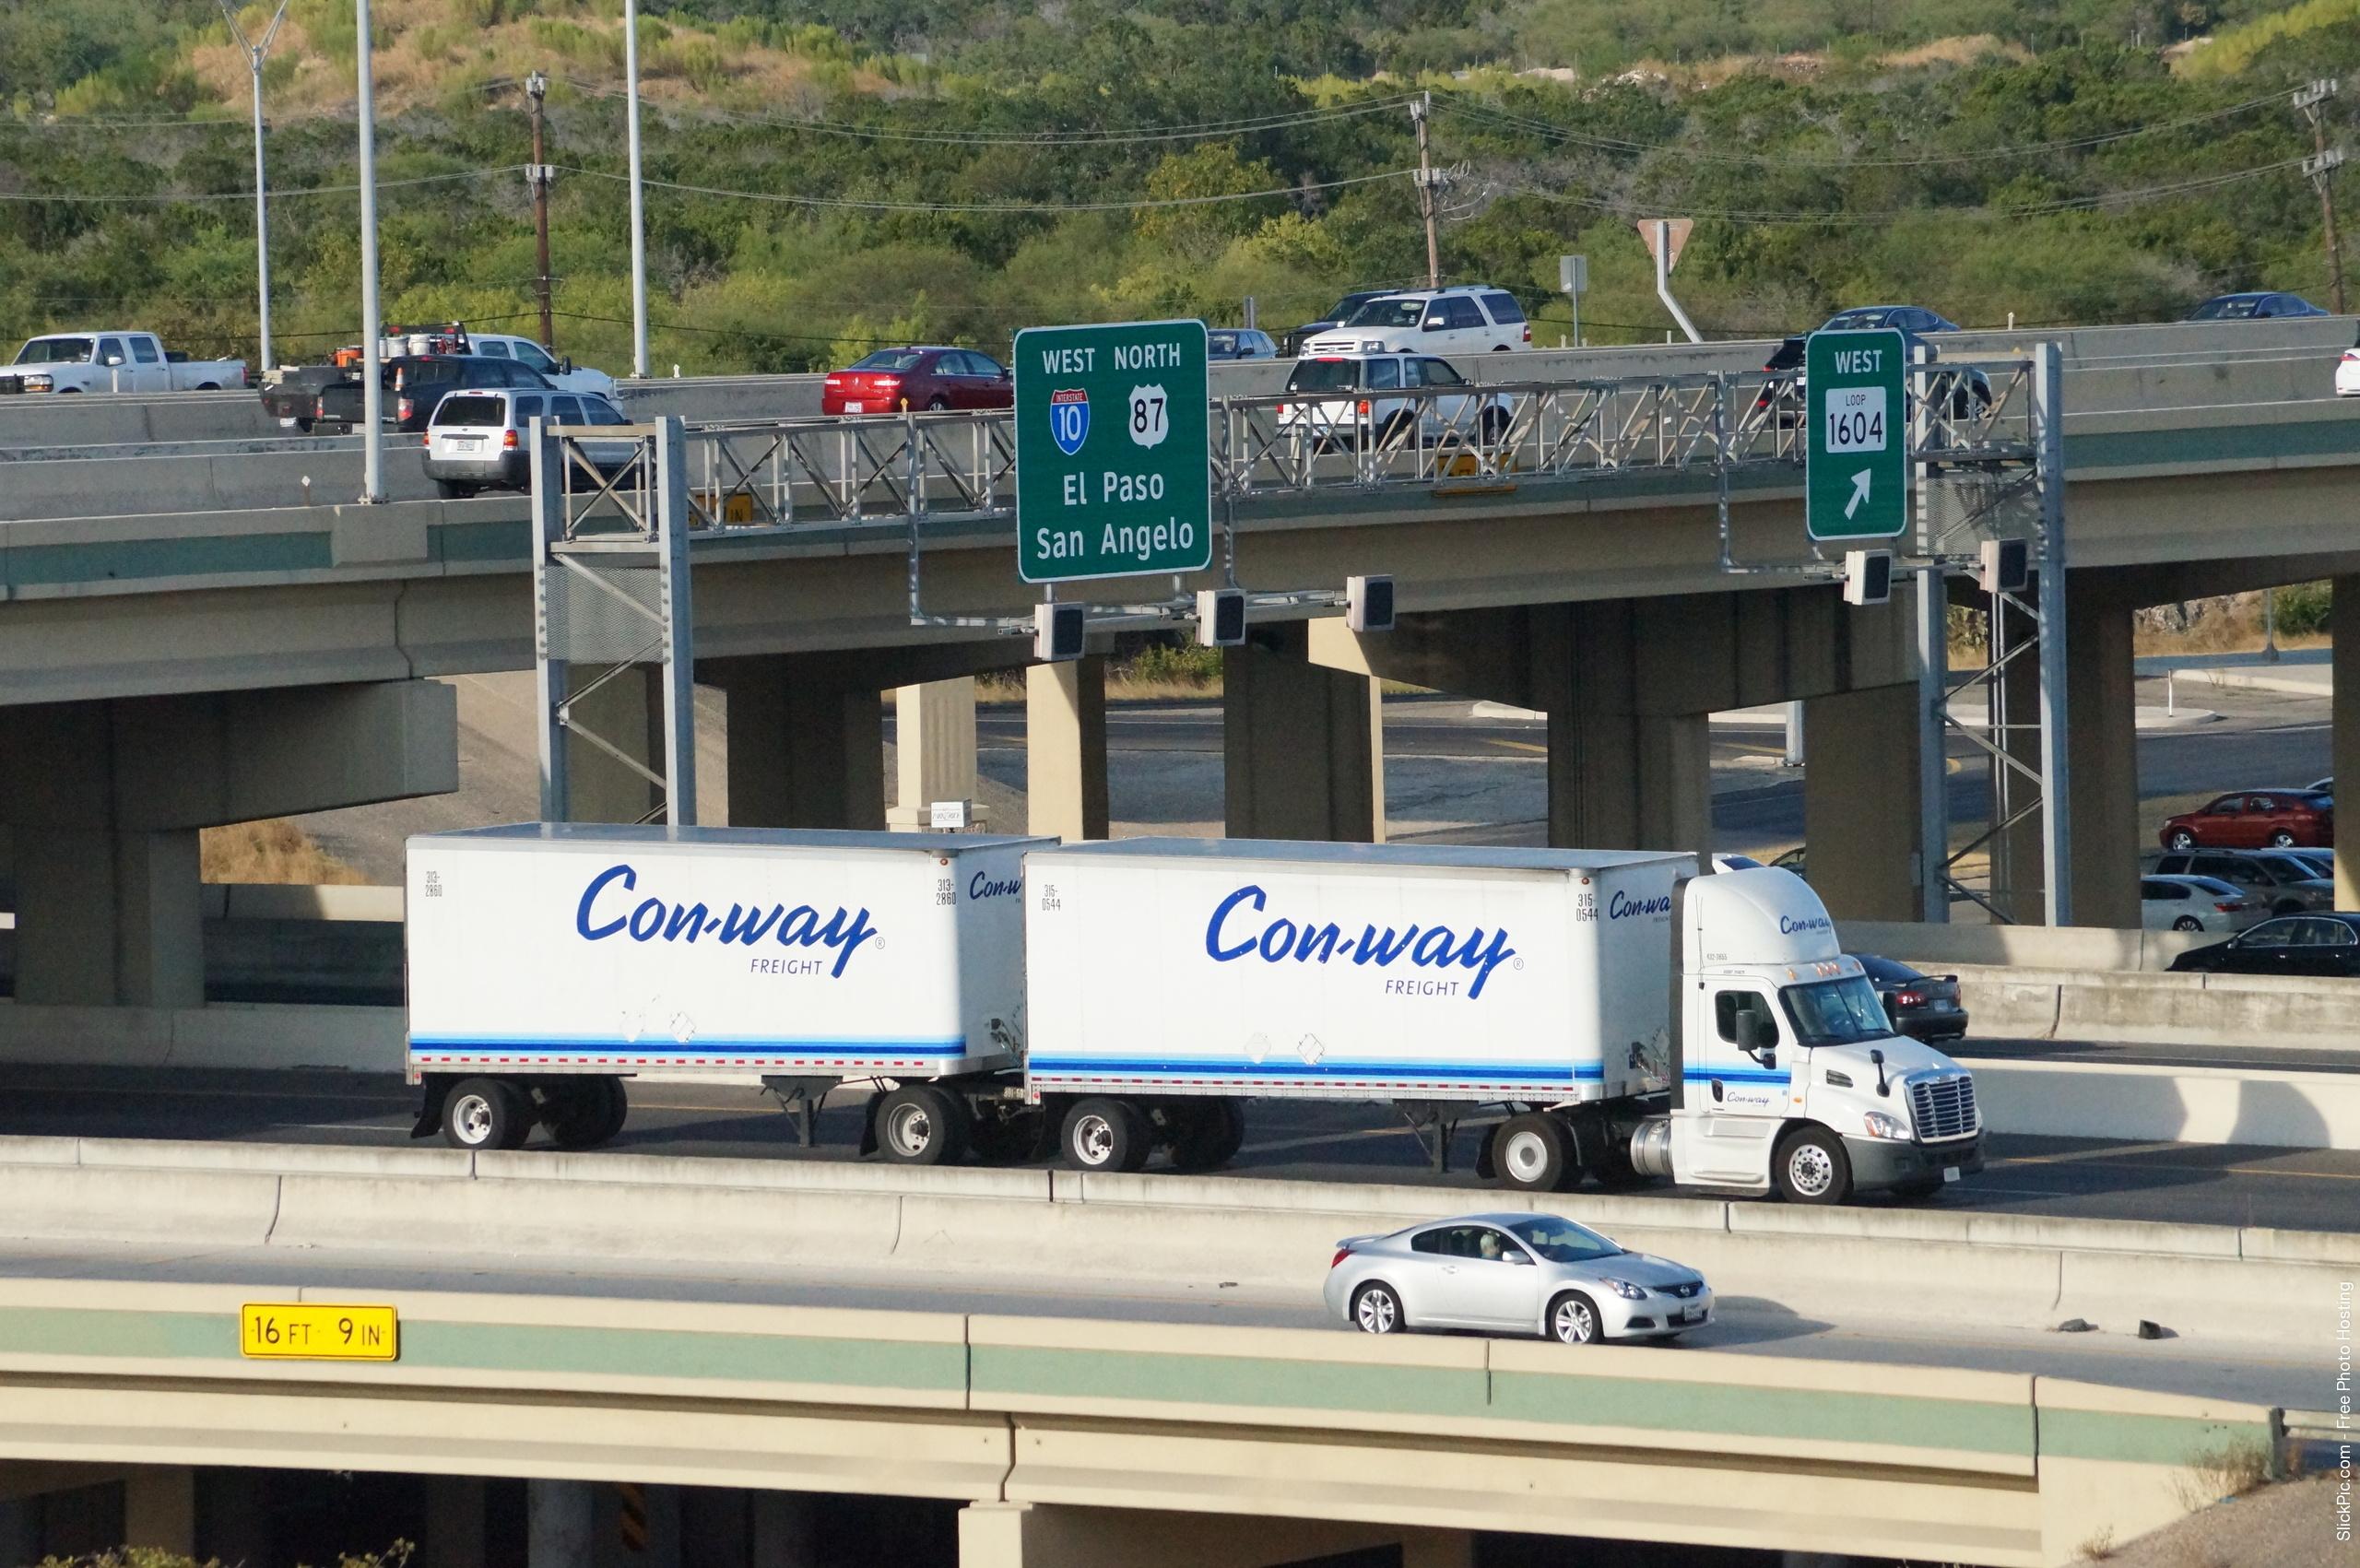 Conway Freight San Antonio Ukrana Deren